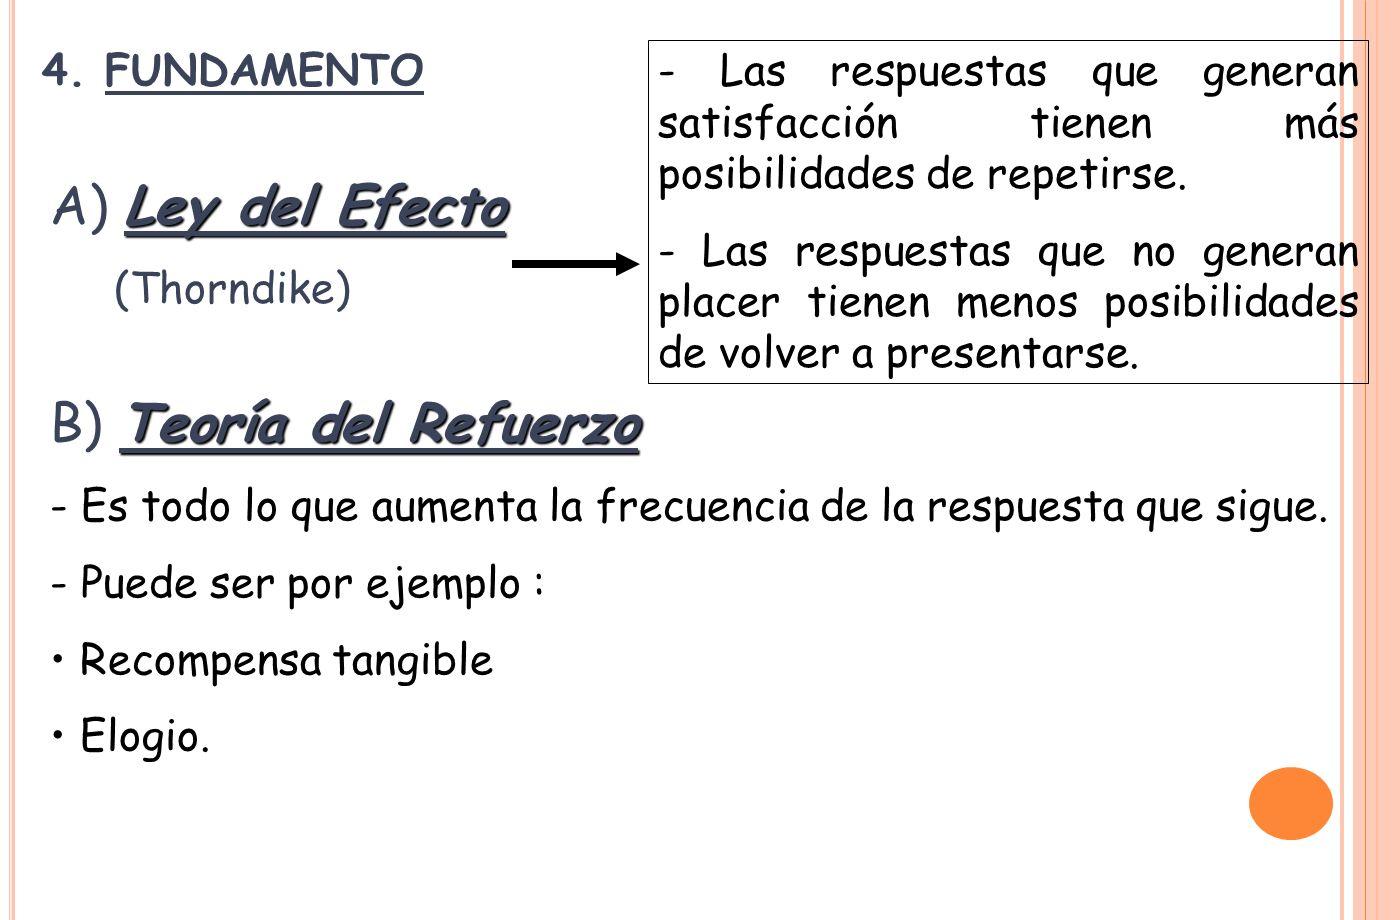 A) Ley del Efecto B) Teoría del Refuerzo 4. FUNDAMENTO